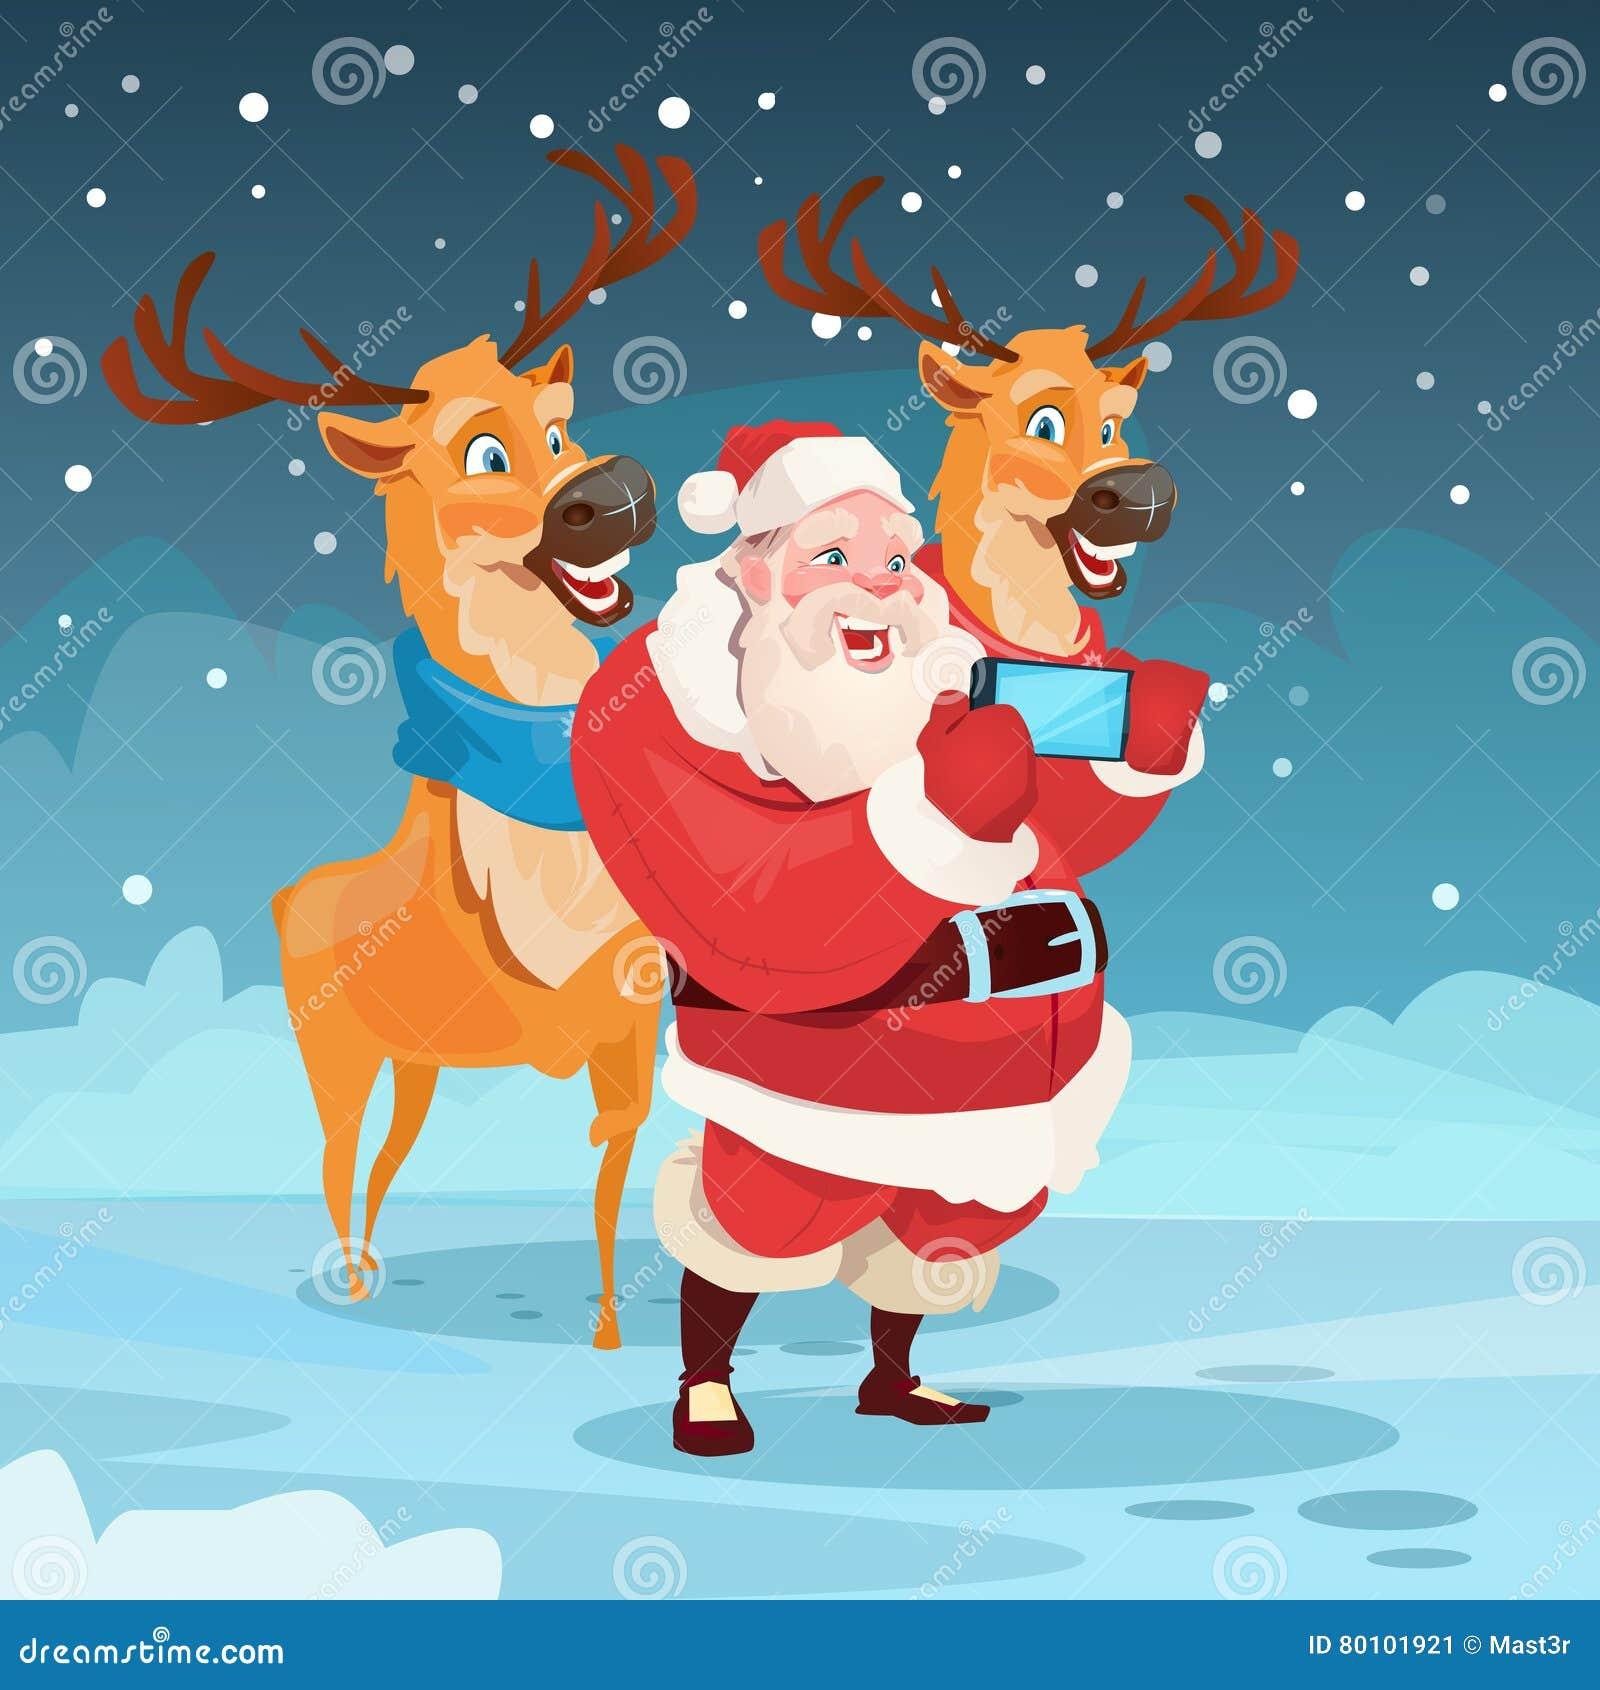 Foto de Santa Claus With Reindeer Making Selfie, cartão do feriado do Natal do ano novo